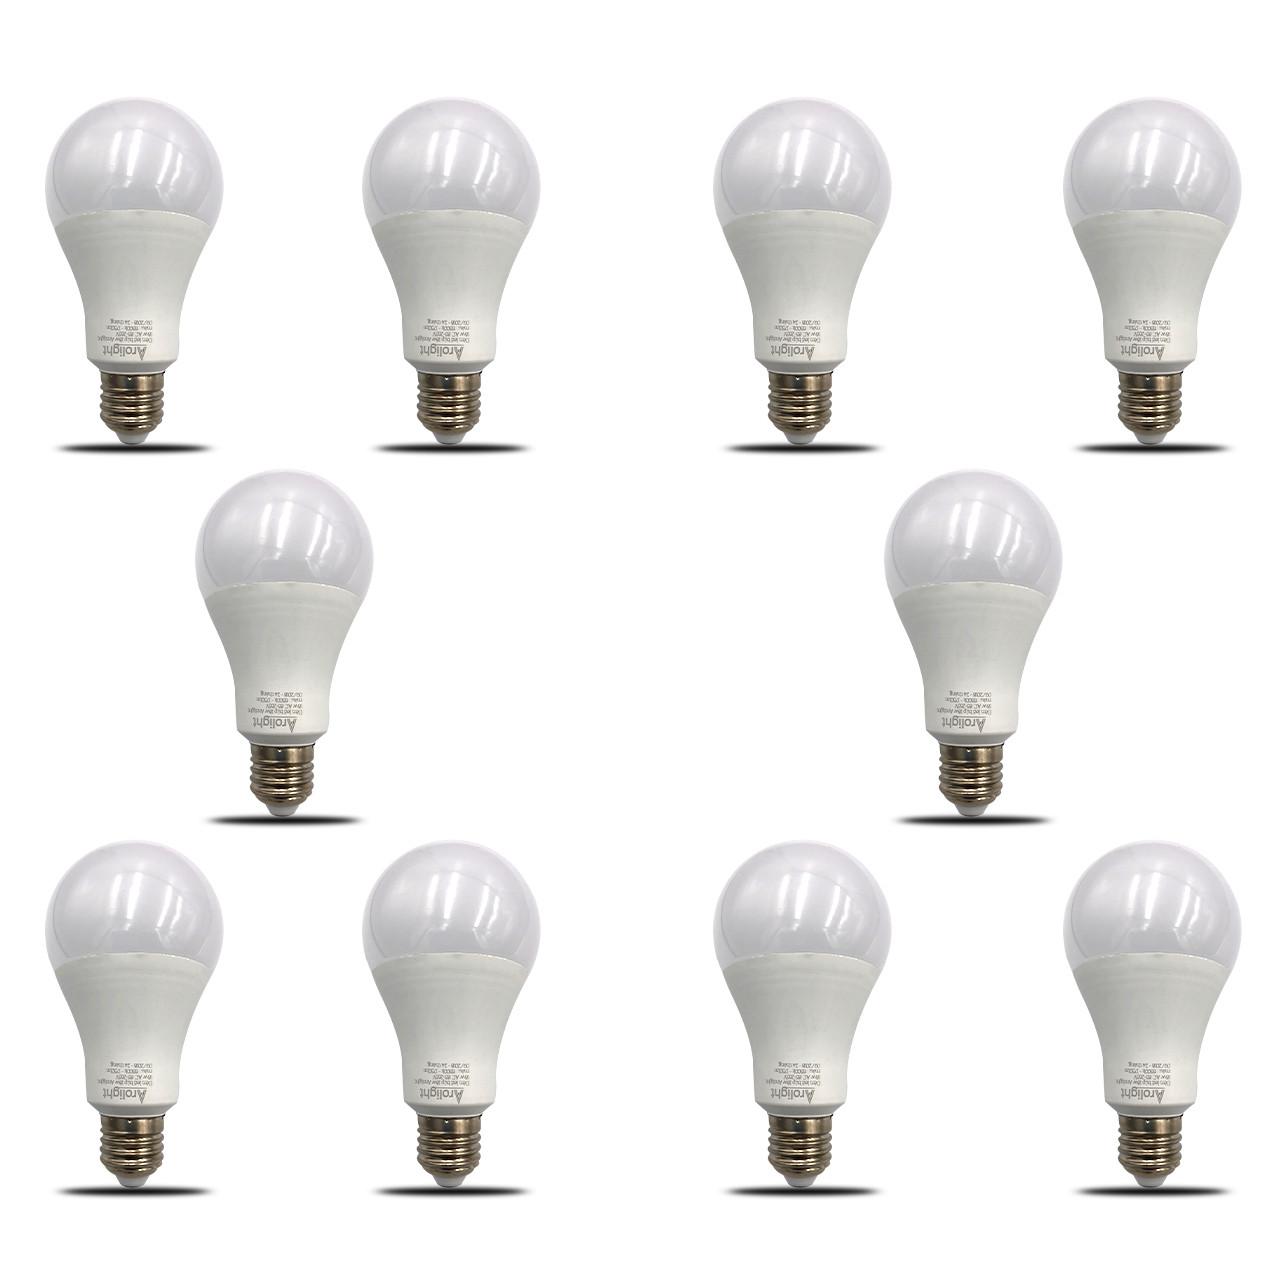 Bộ 10 bóng đèn LED Bulb kín nước 18W siêu sáng